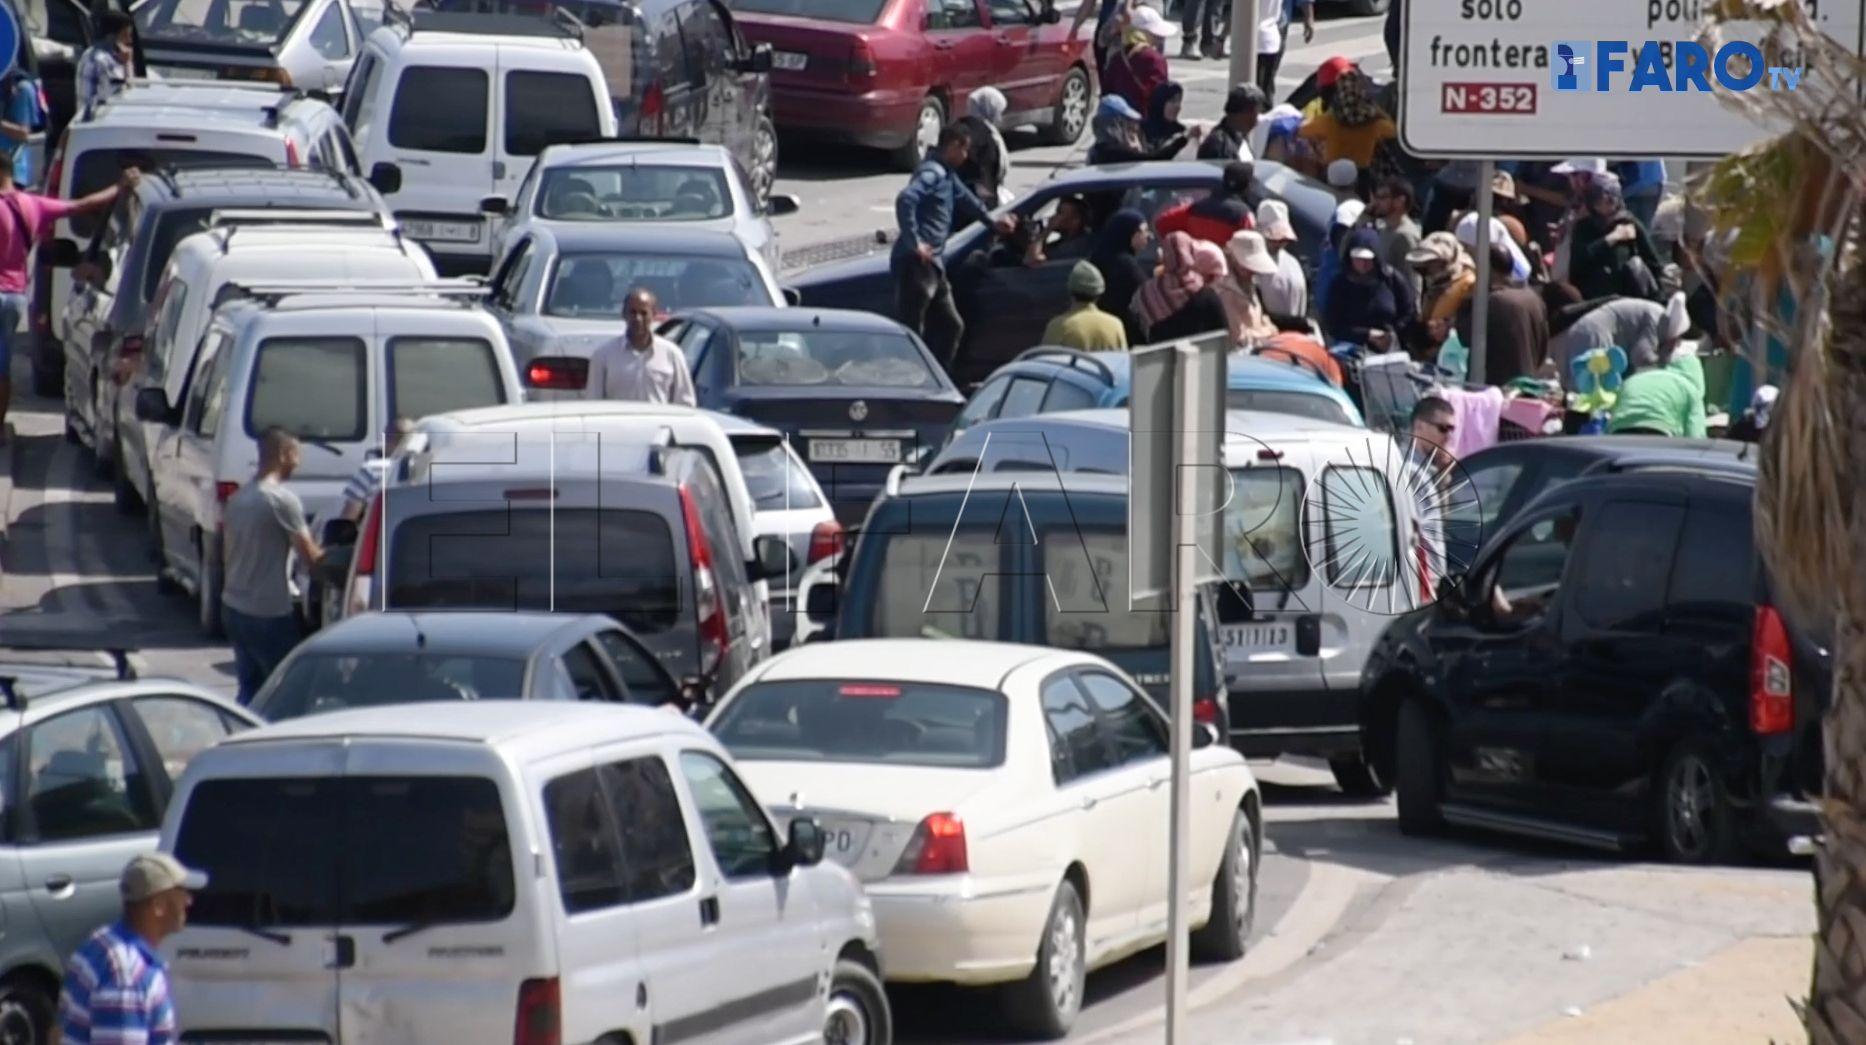 Empresarios de todos los sectores pretenden trasladar al ministro de Justicia los distintos problemas de la frontera